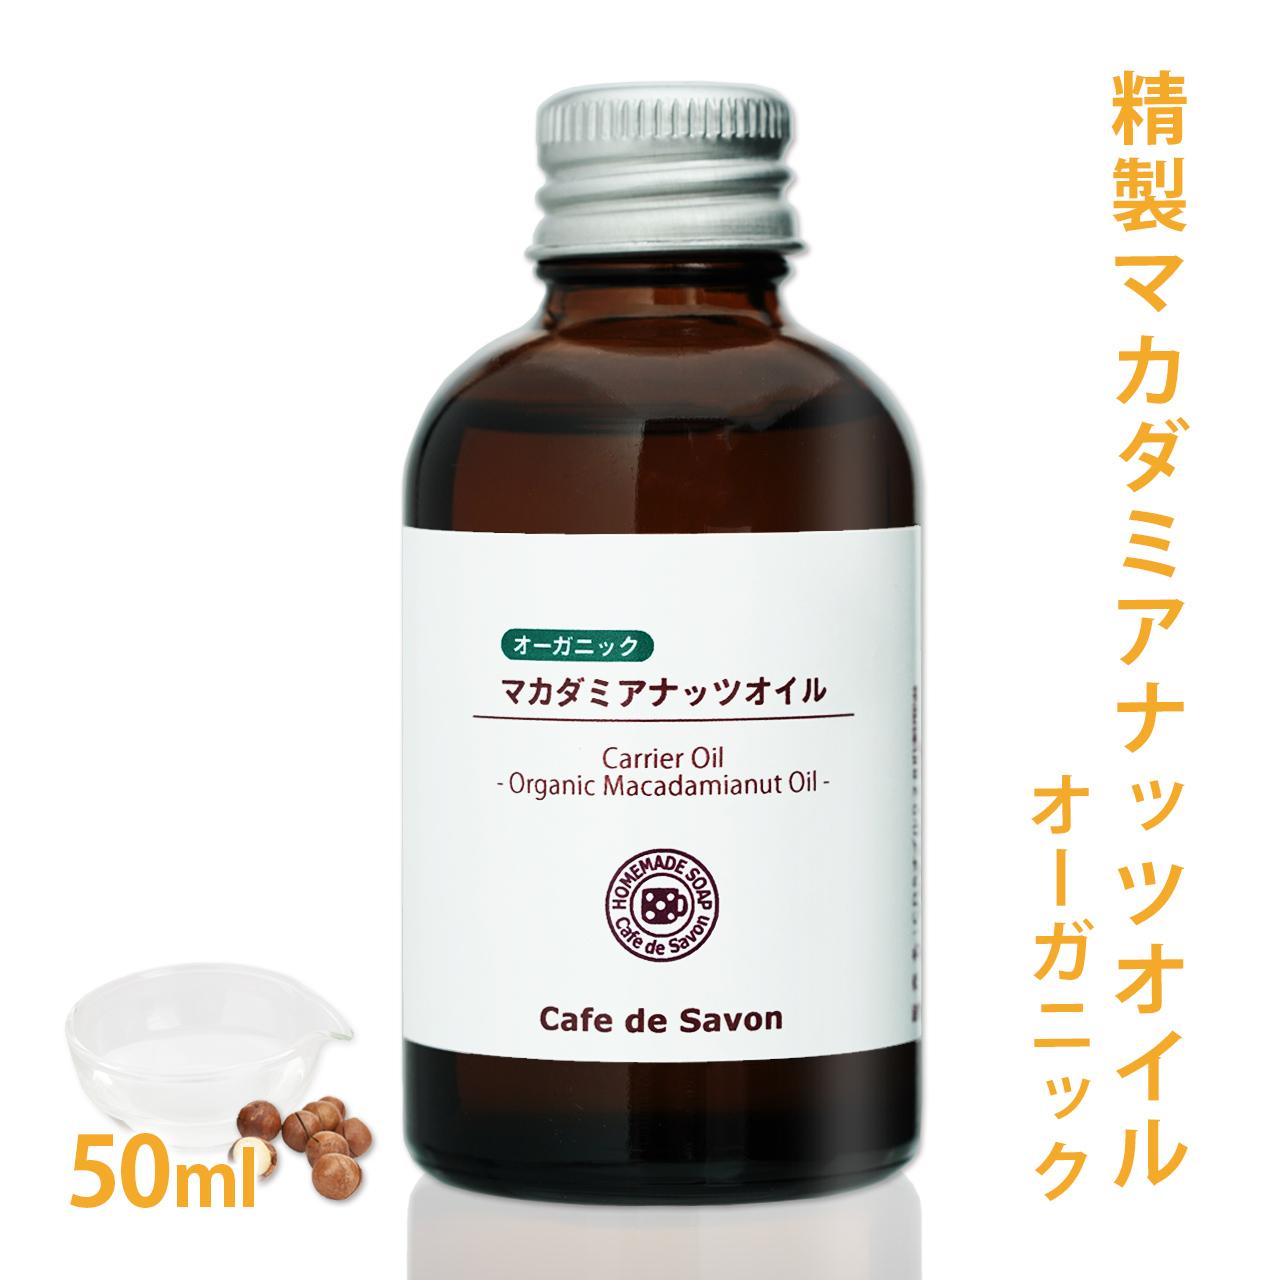 オーガニック 精製マカダミアナッツオイル 50ml 【マカデミアナッツ】